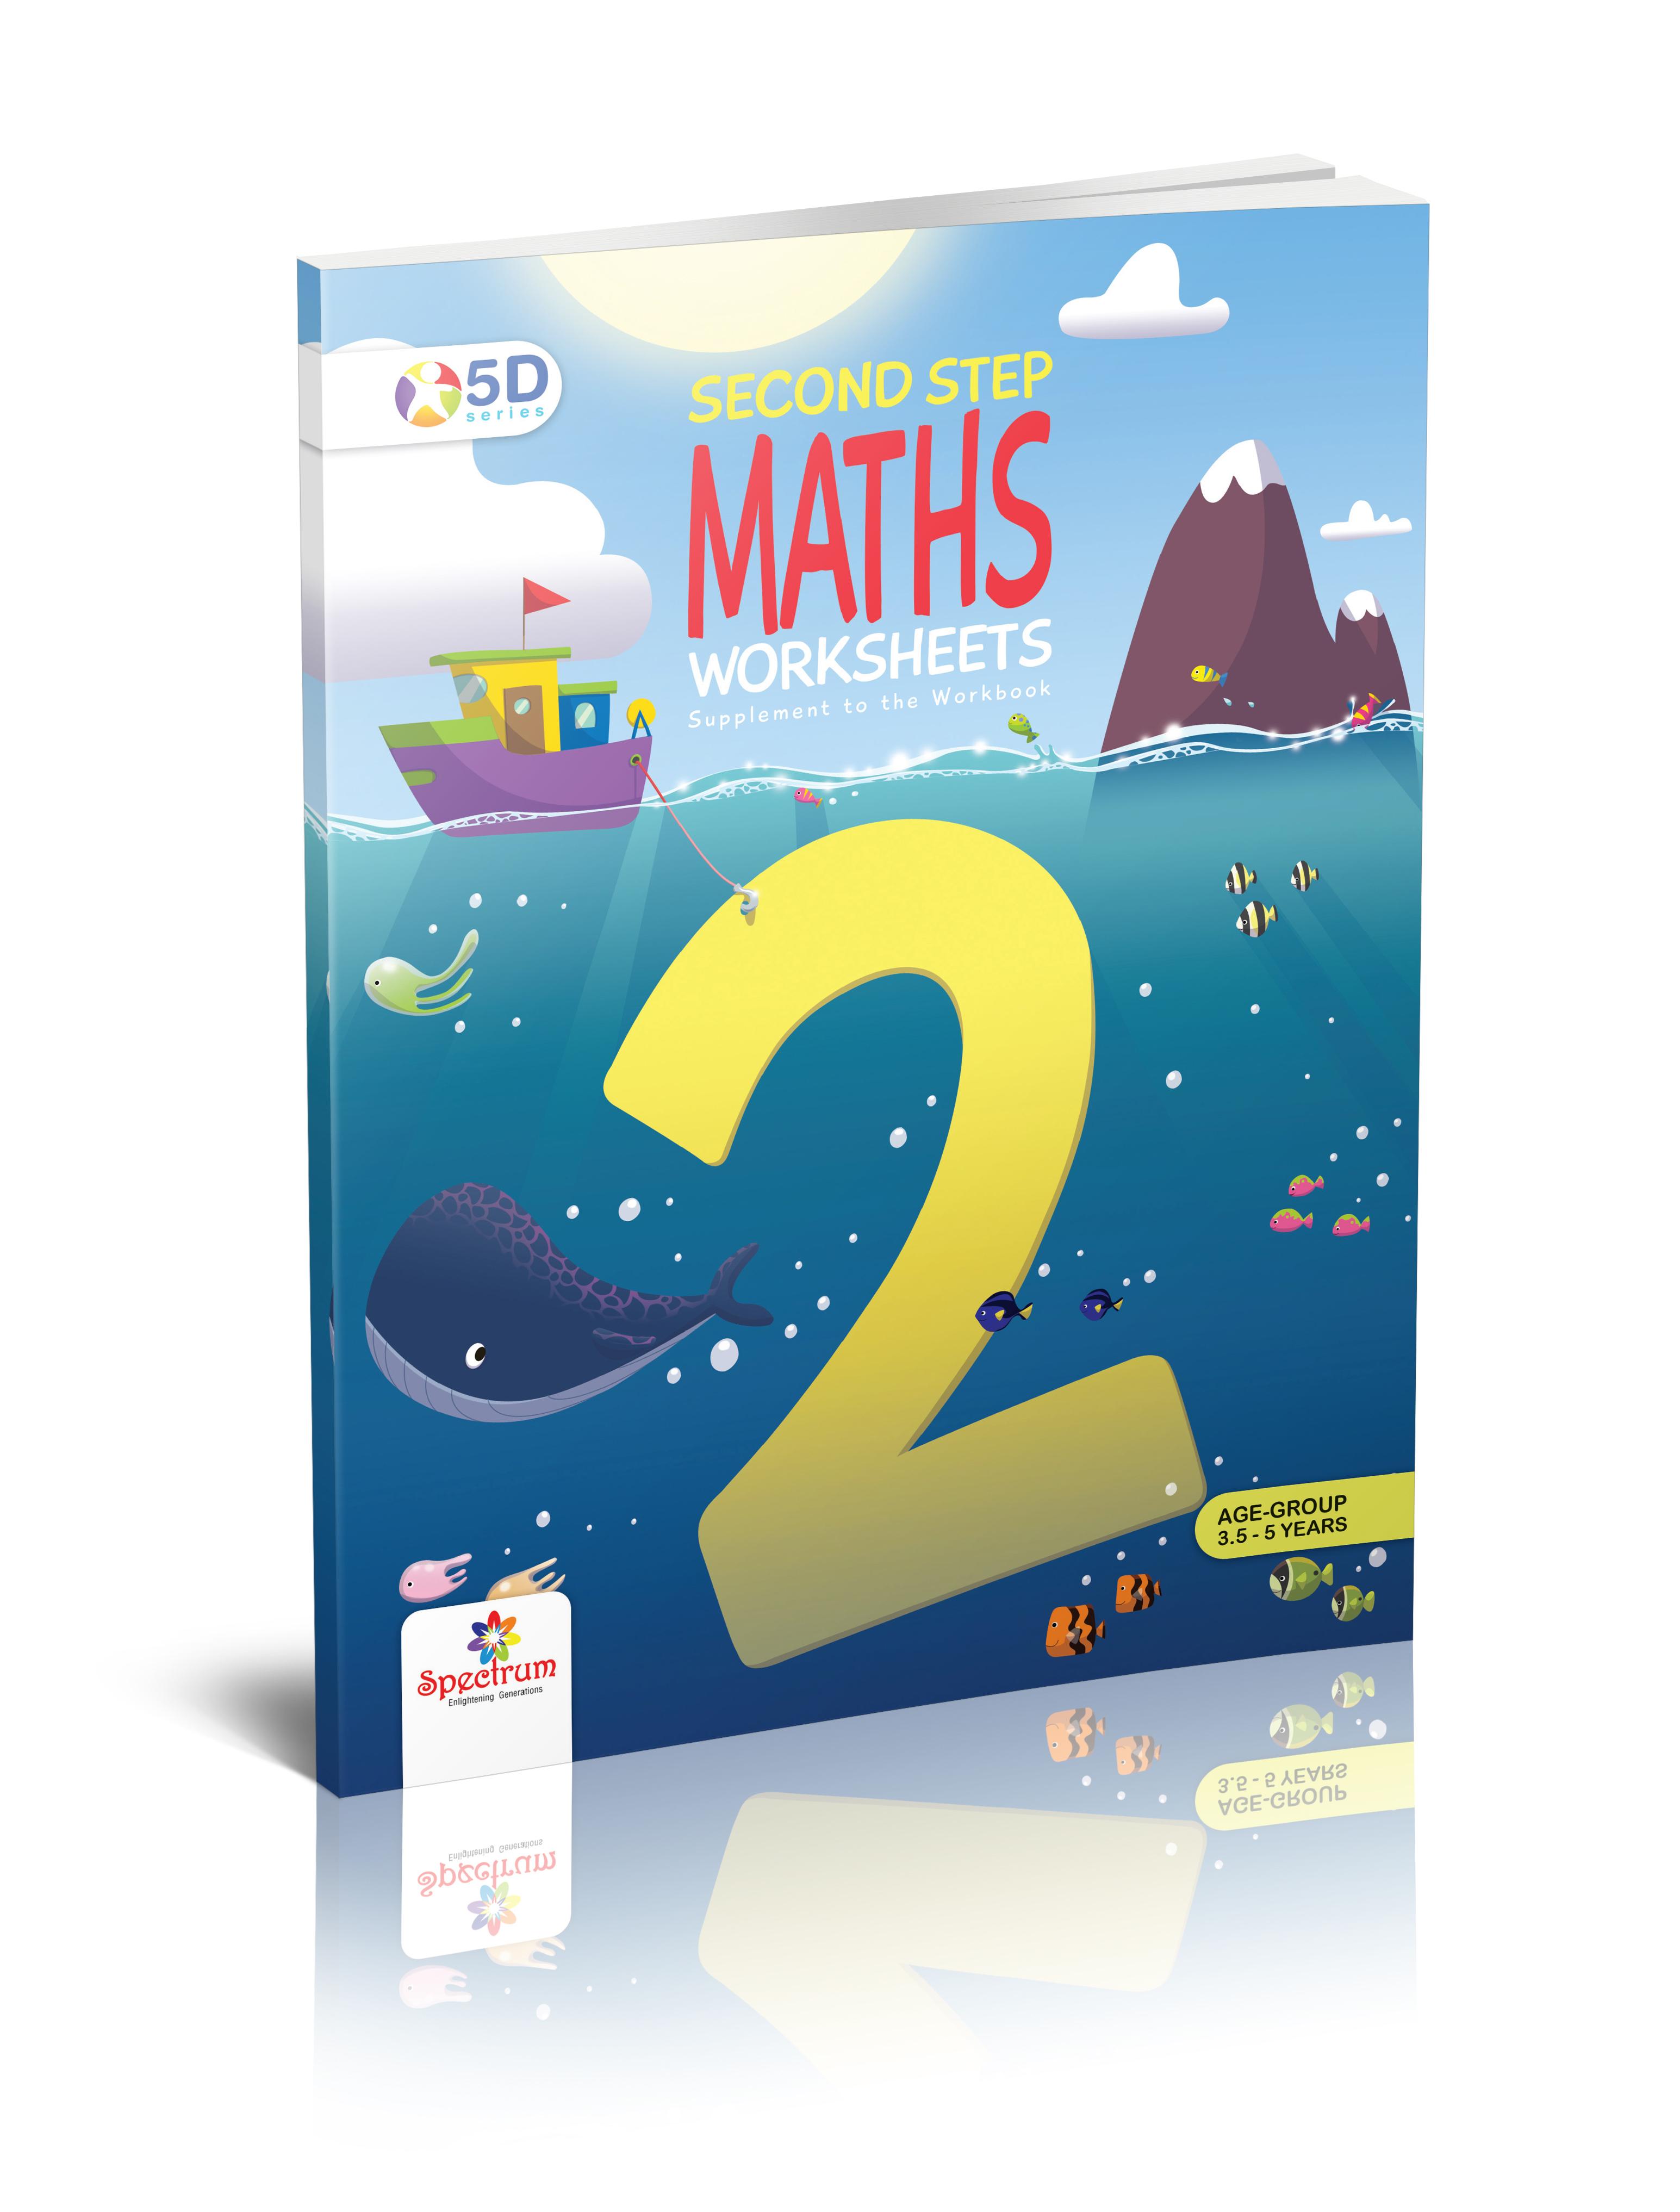 Maths Worksheet Second Step